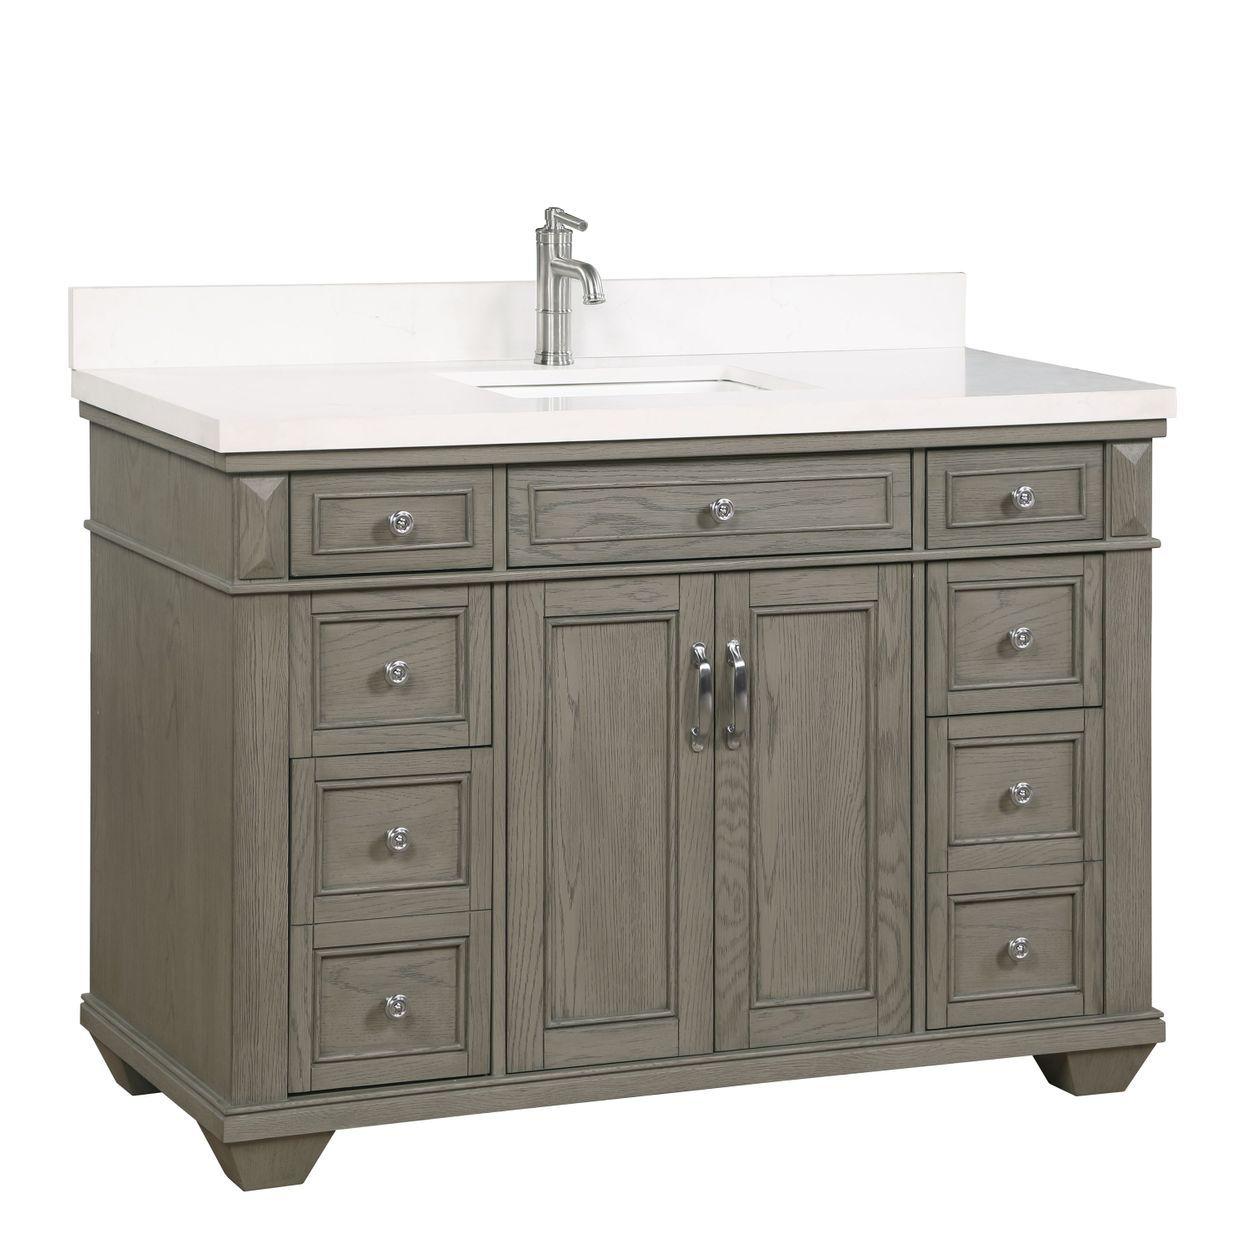 Rockvale 48 Vanity By Northridge Home Vanity 48 Inch Bathroom Vanity Oak Vanity Bathroom